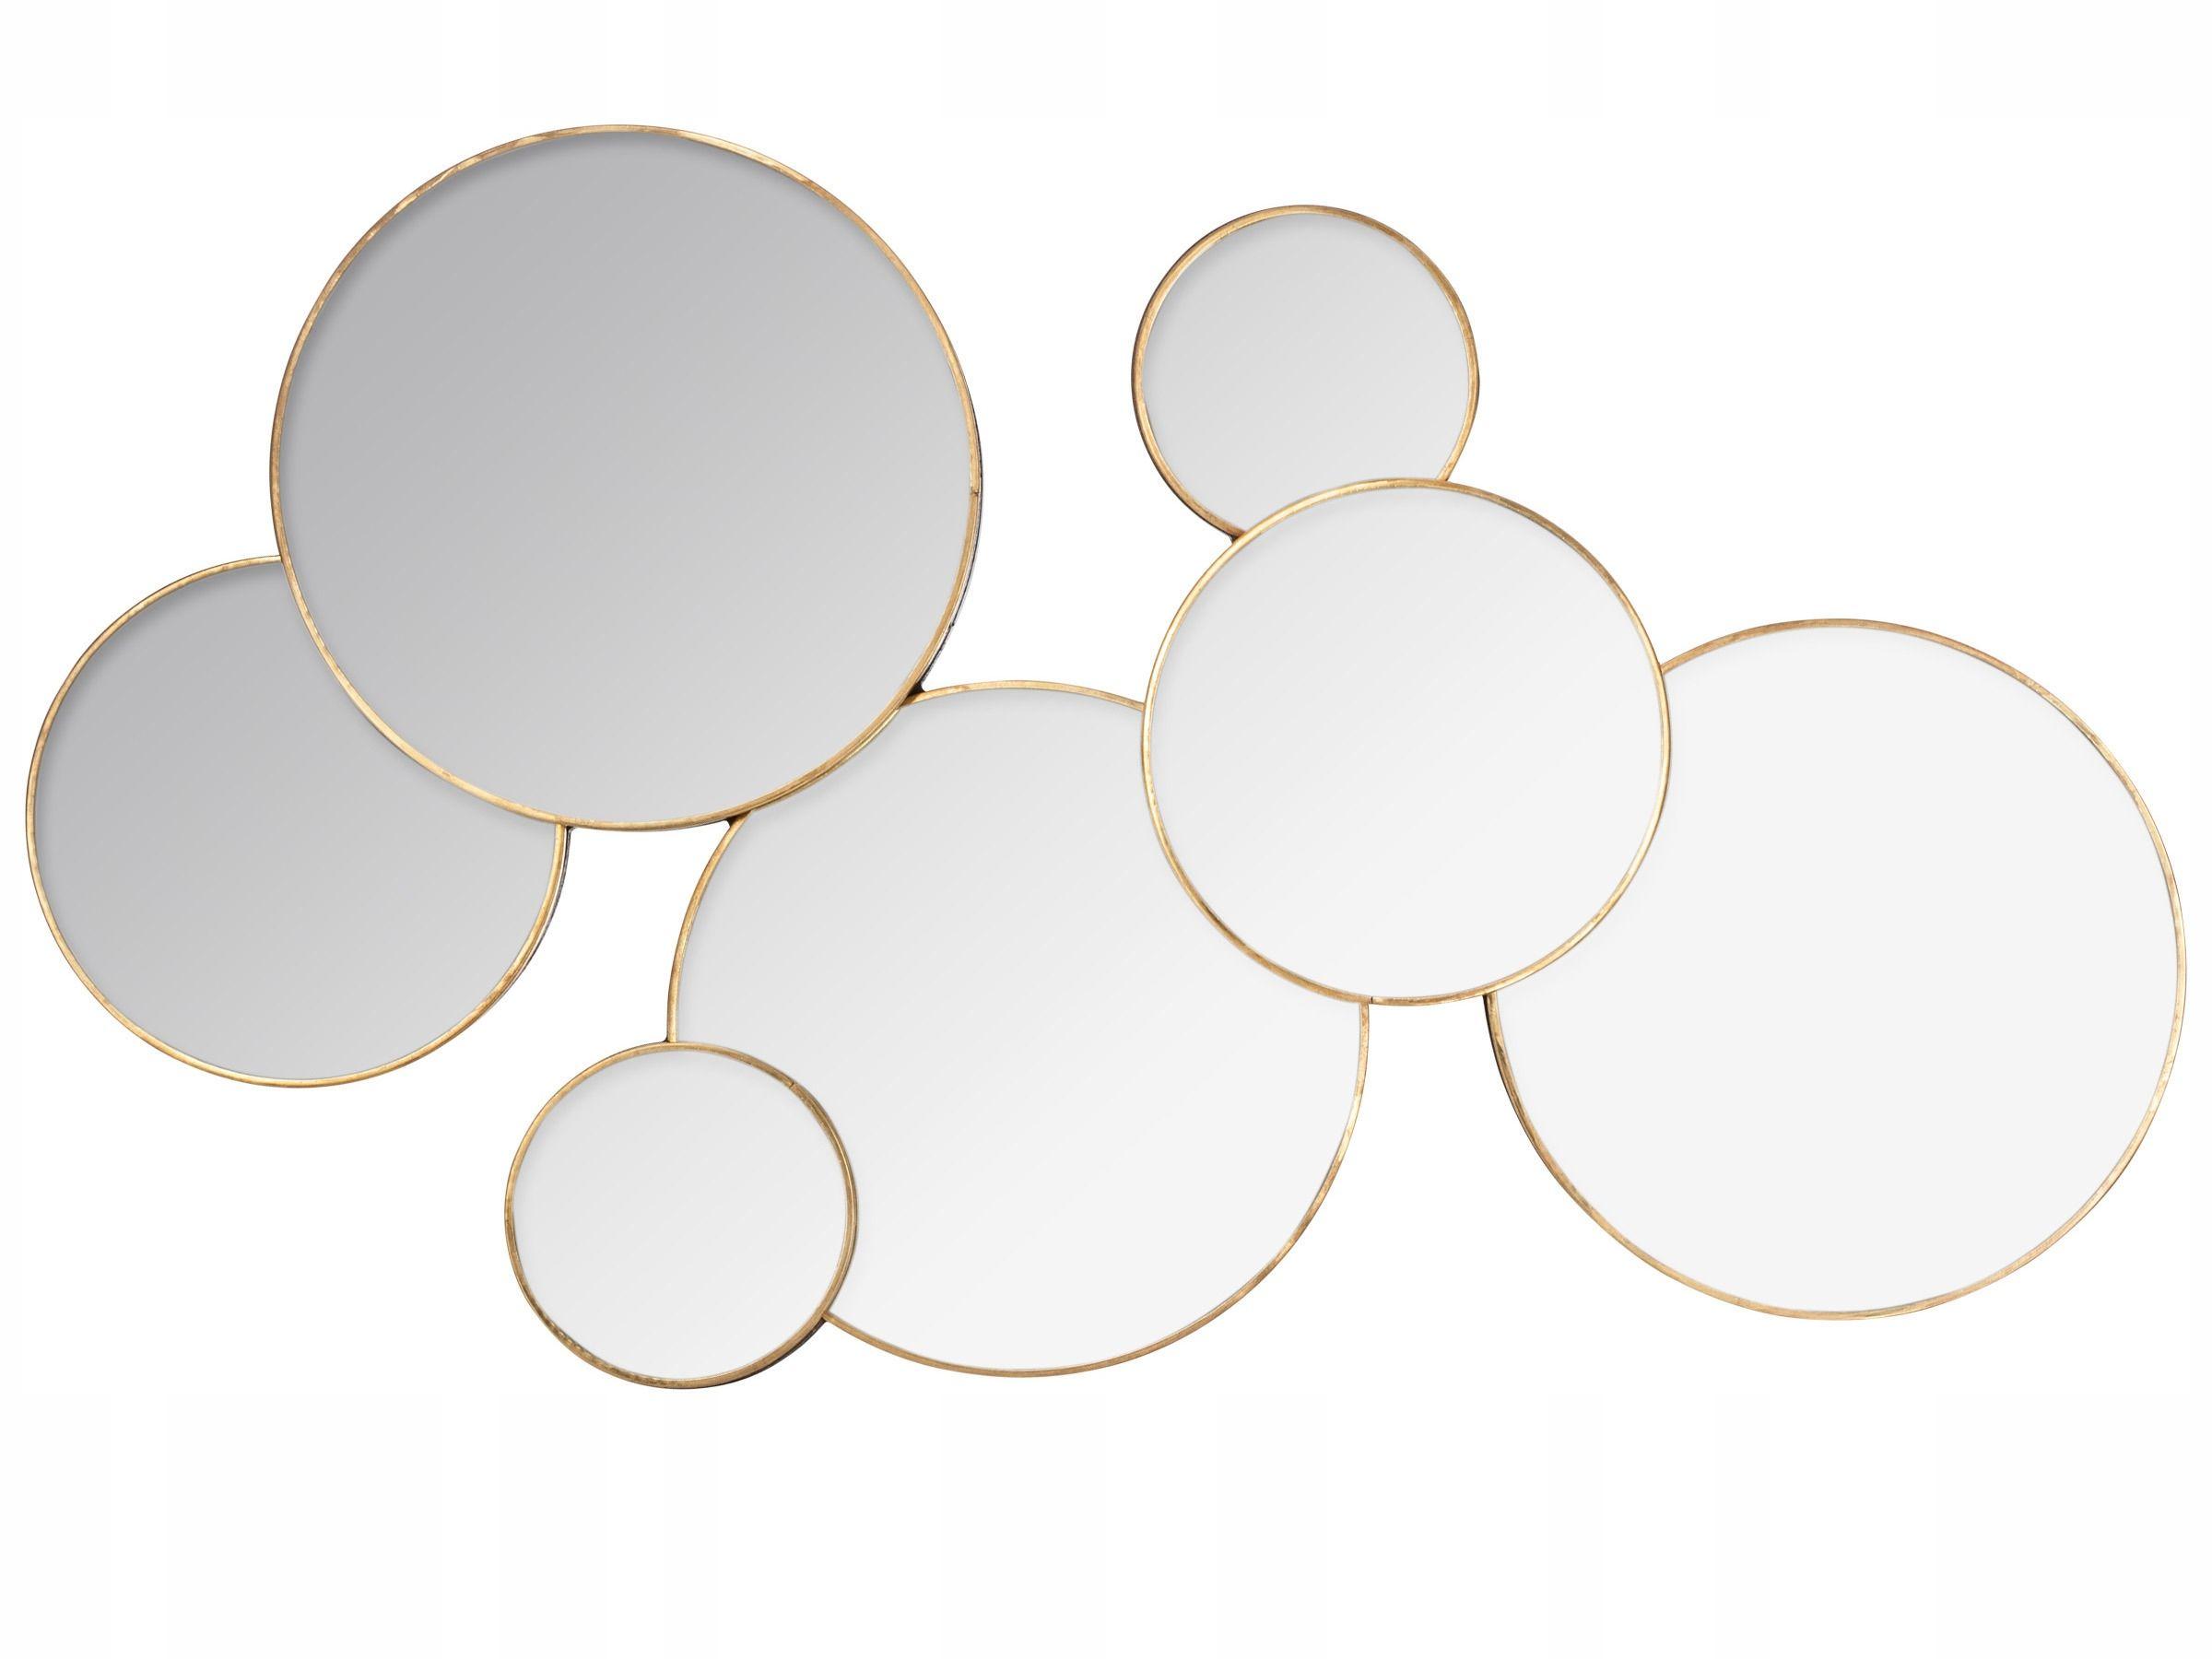 Lustro Dekoracyjne Okrągłe ścienne Złota Ramka Salon Stoki